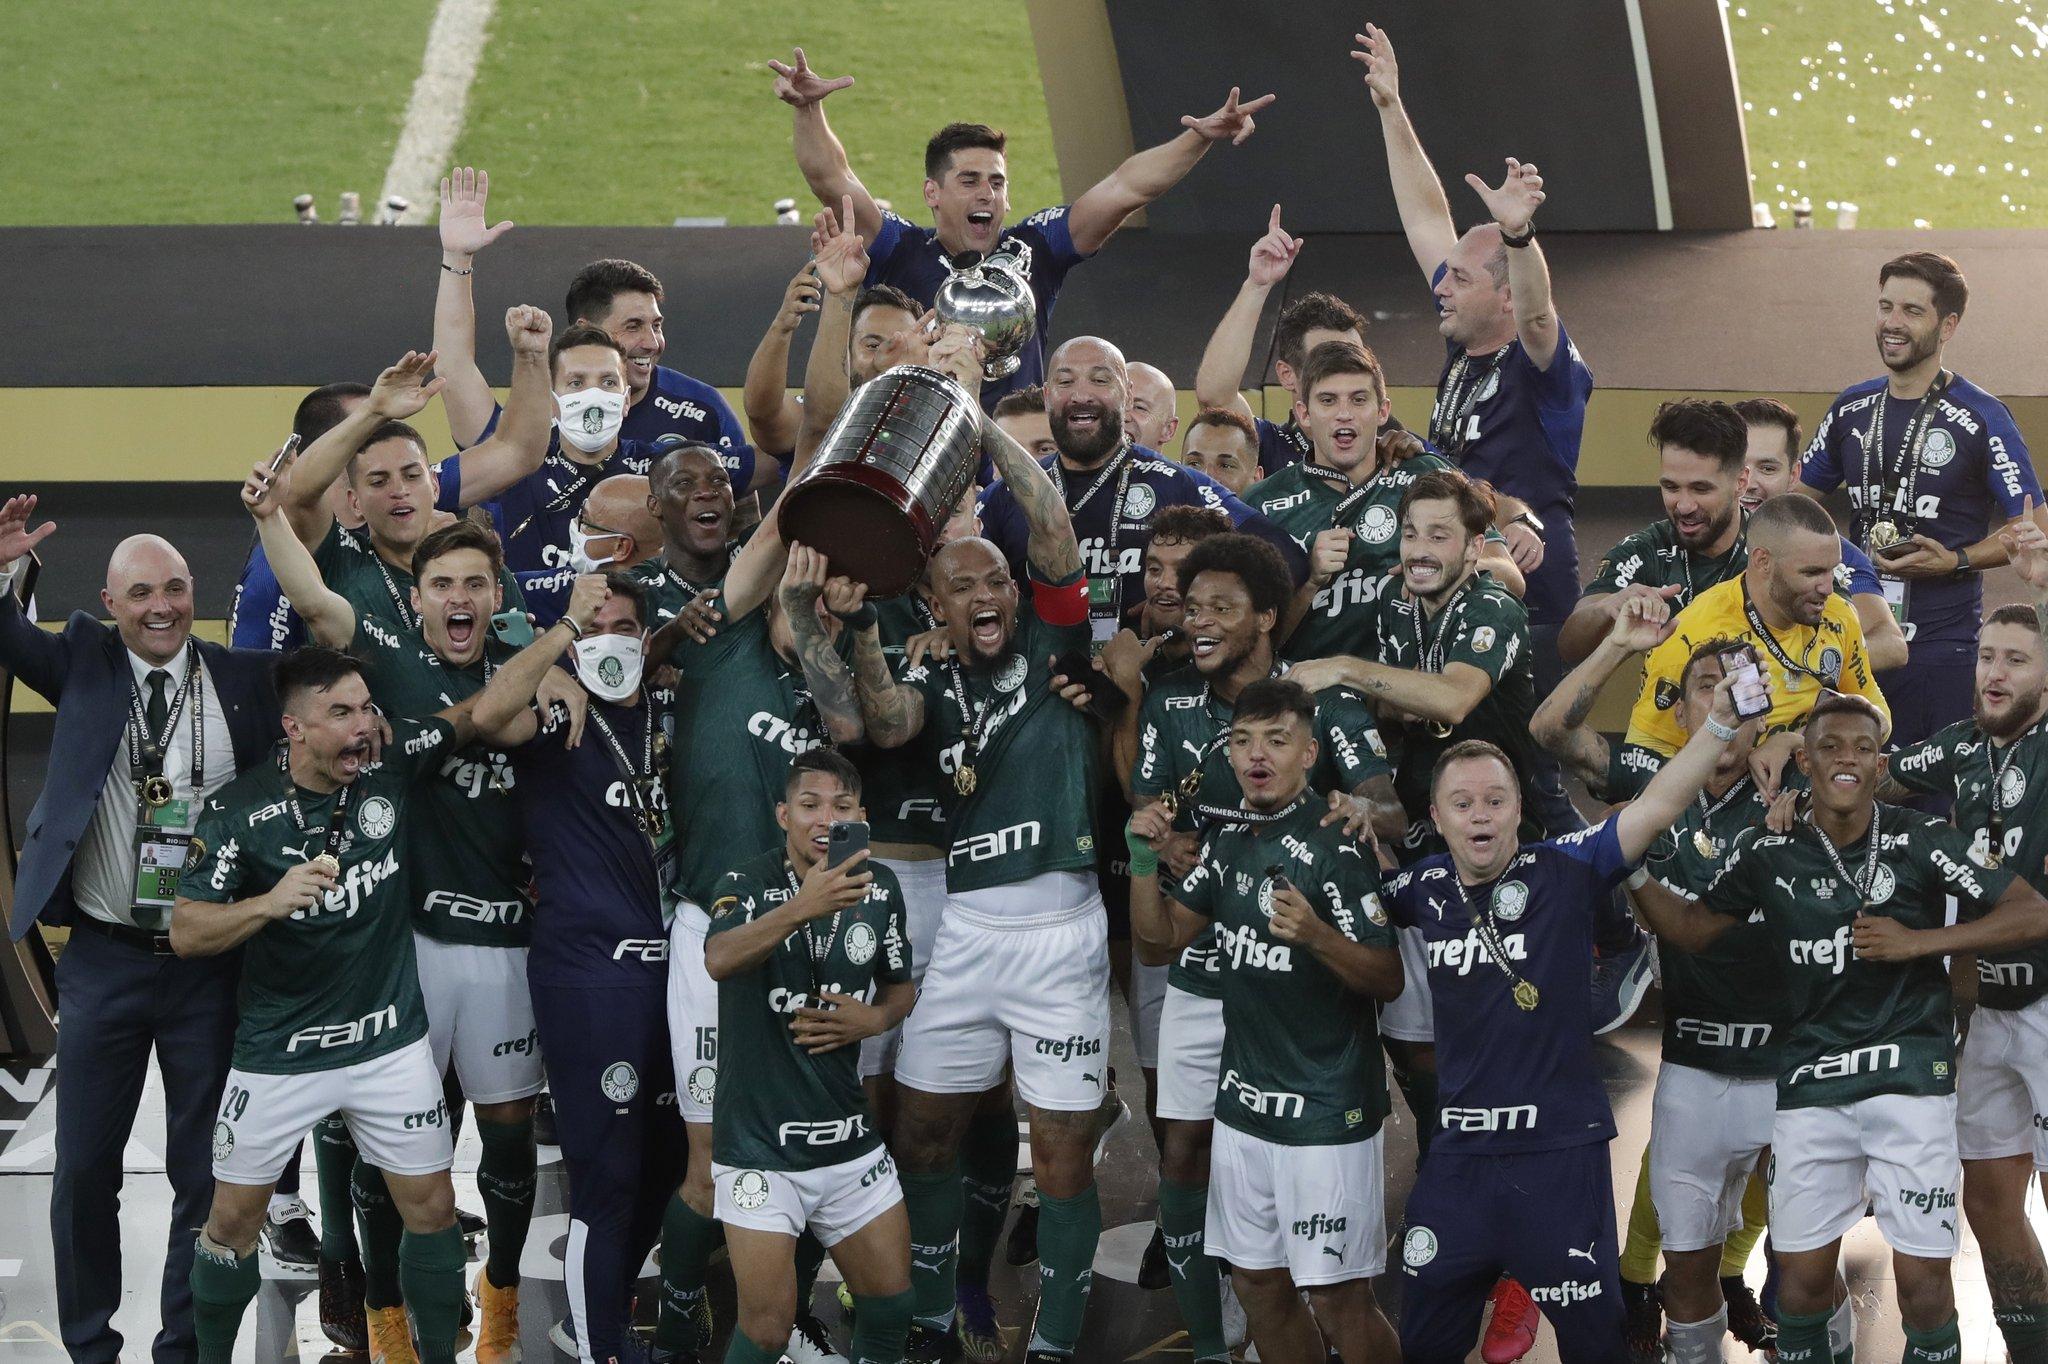 بالميراس البرازيلى يتوج بكأس الليبرتادوريس (5)